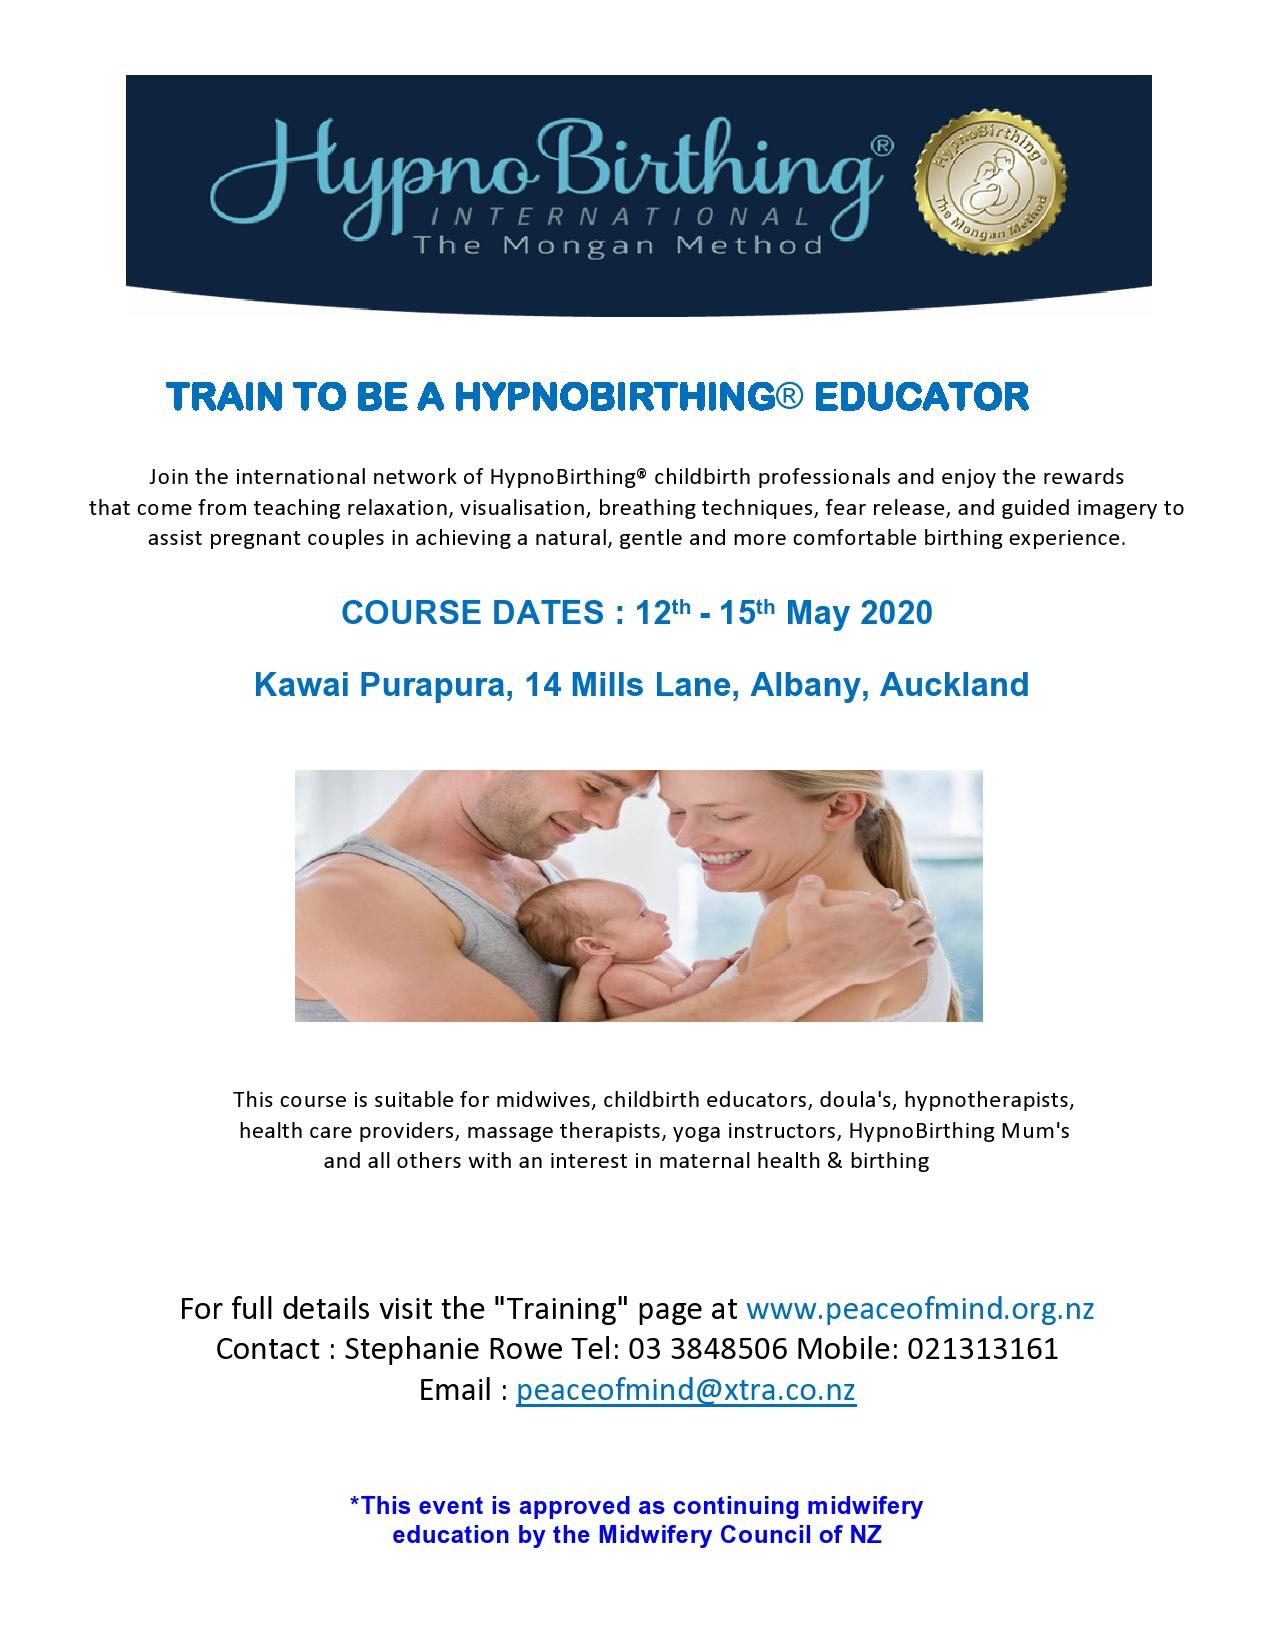 HypnoBirthing Educator Course • Kawai Purapura